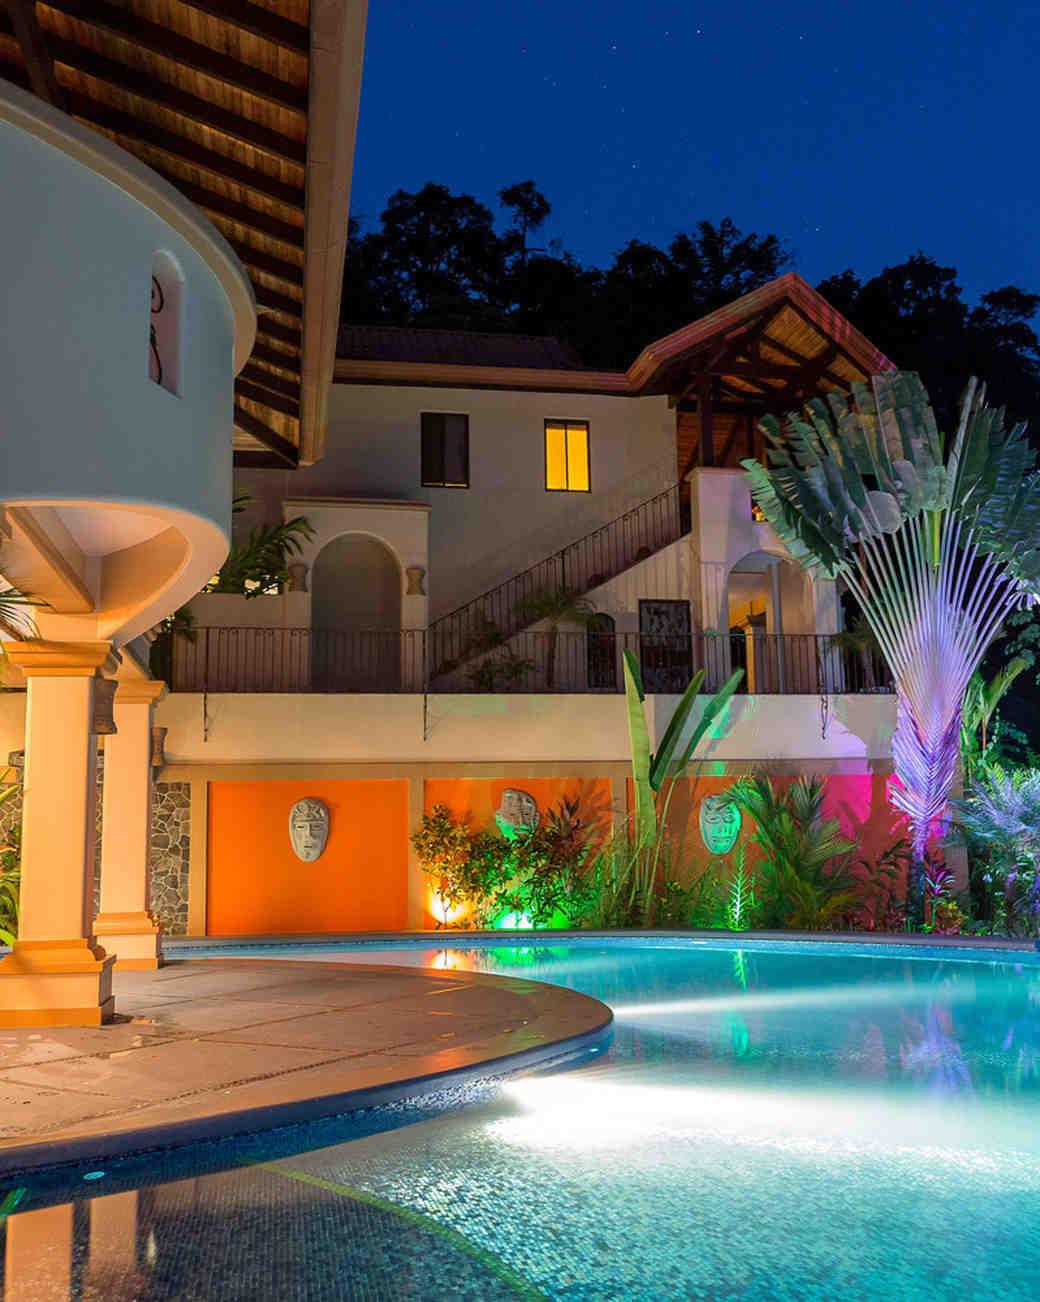 airbnb-wedding-venues-playa-hermosa-1218_vert.jpg